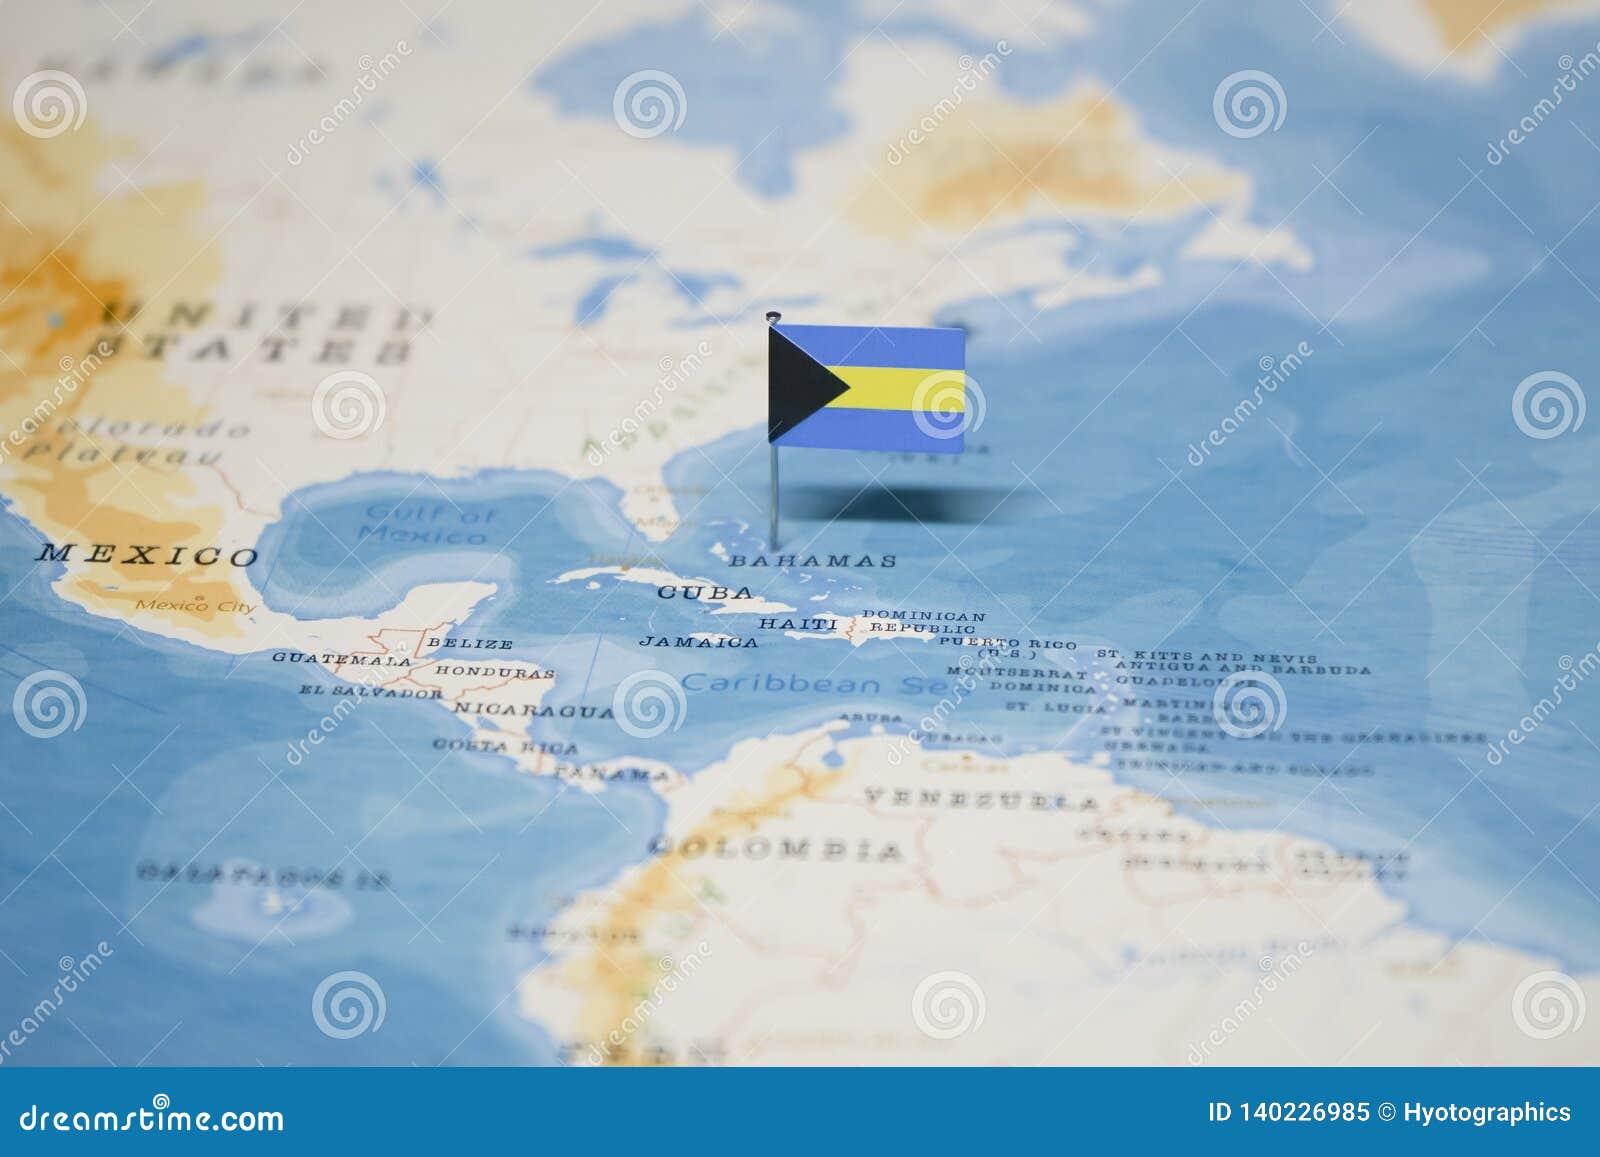 Carte Du Monde Bahamas.Le Drapeau Des Bahamas Dans La Carte Du Monde Image Stock